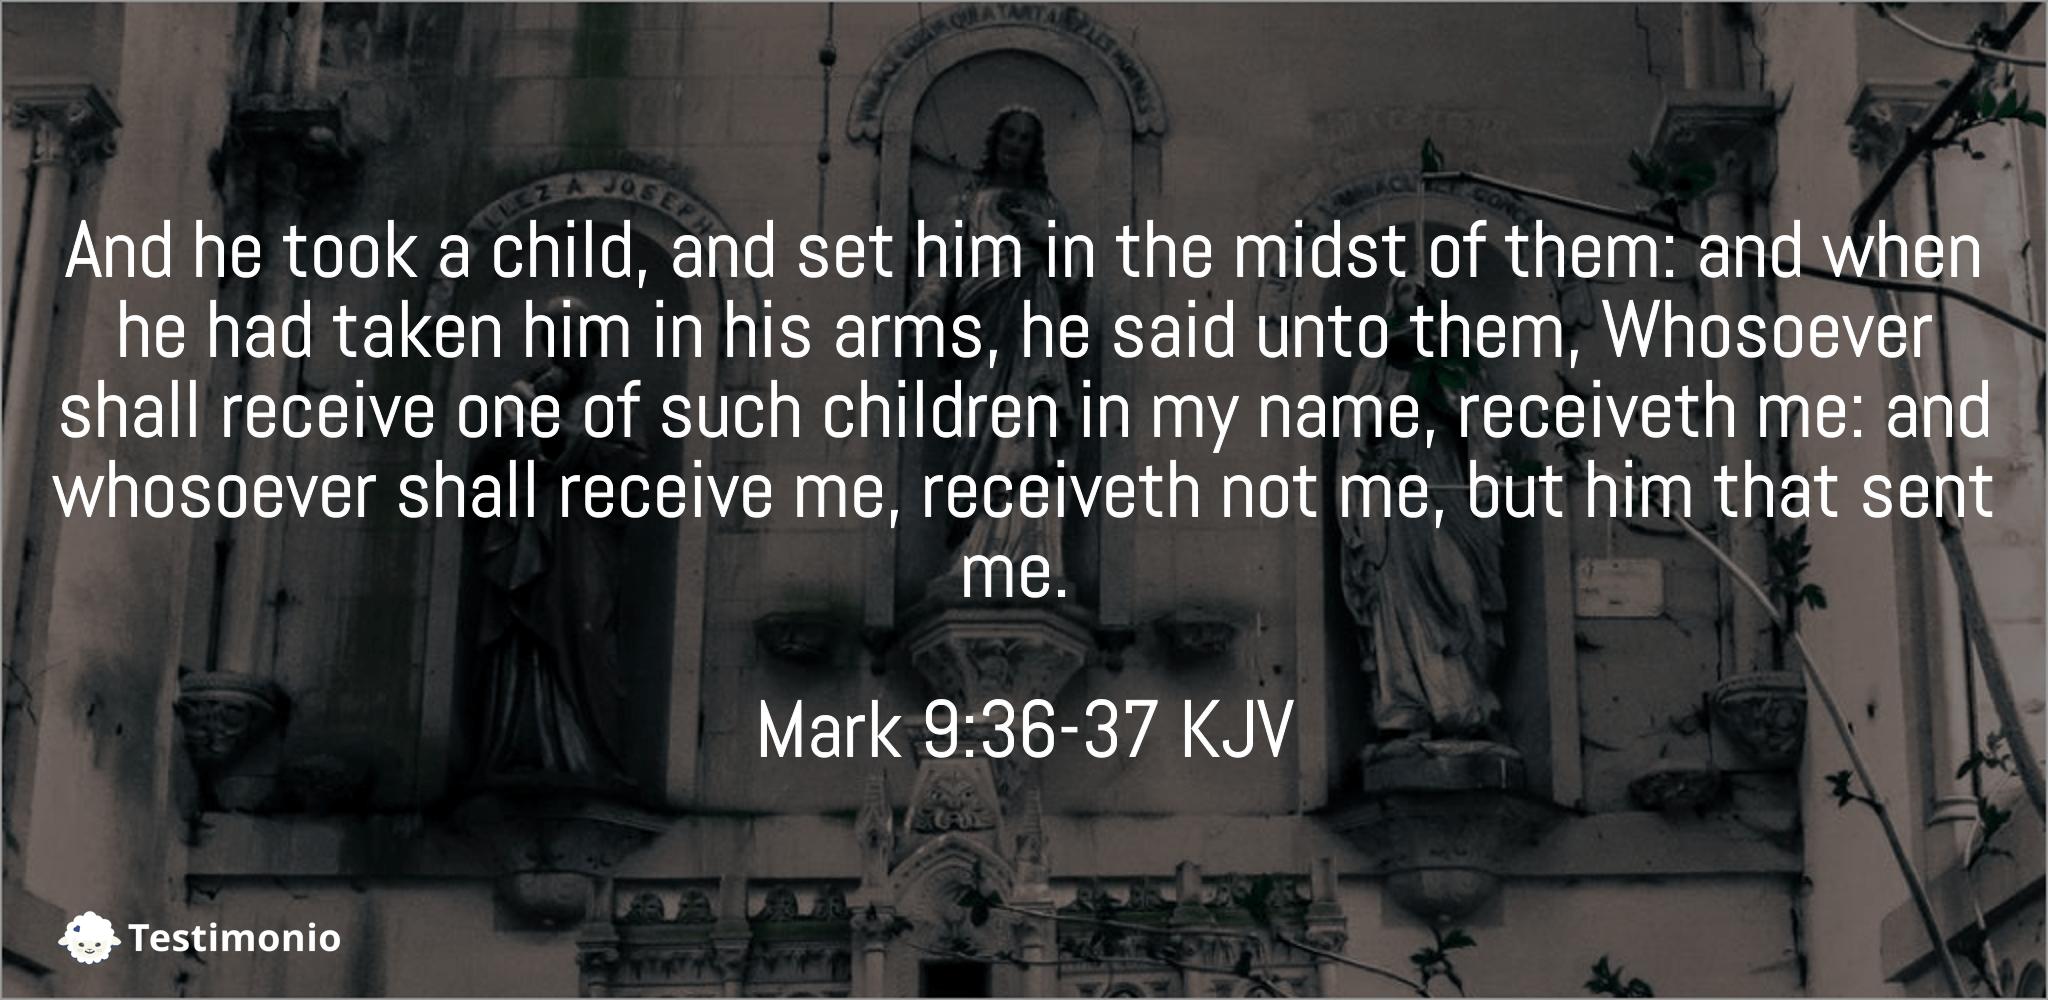 Mark 9:36-37